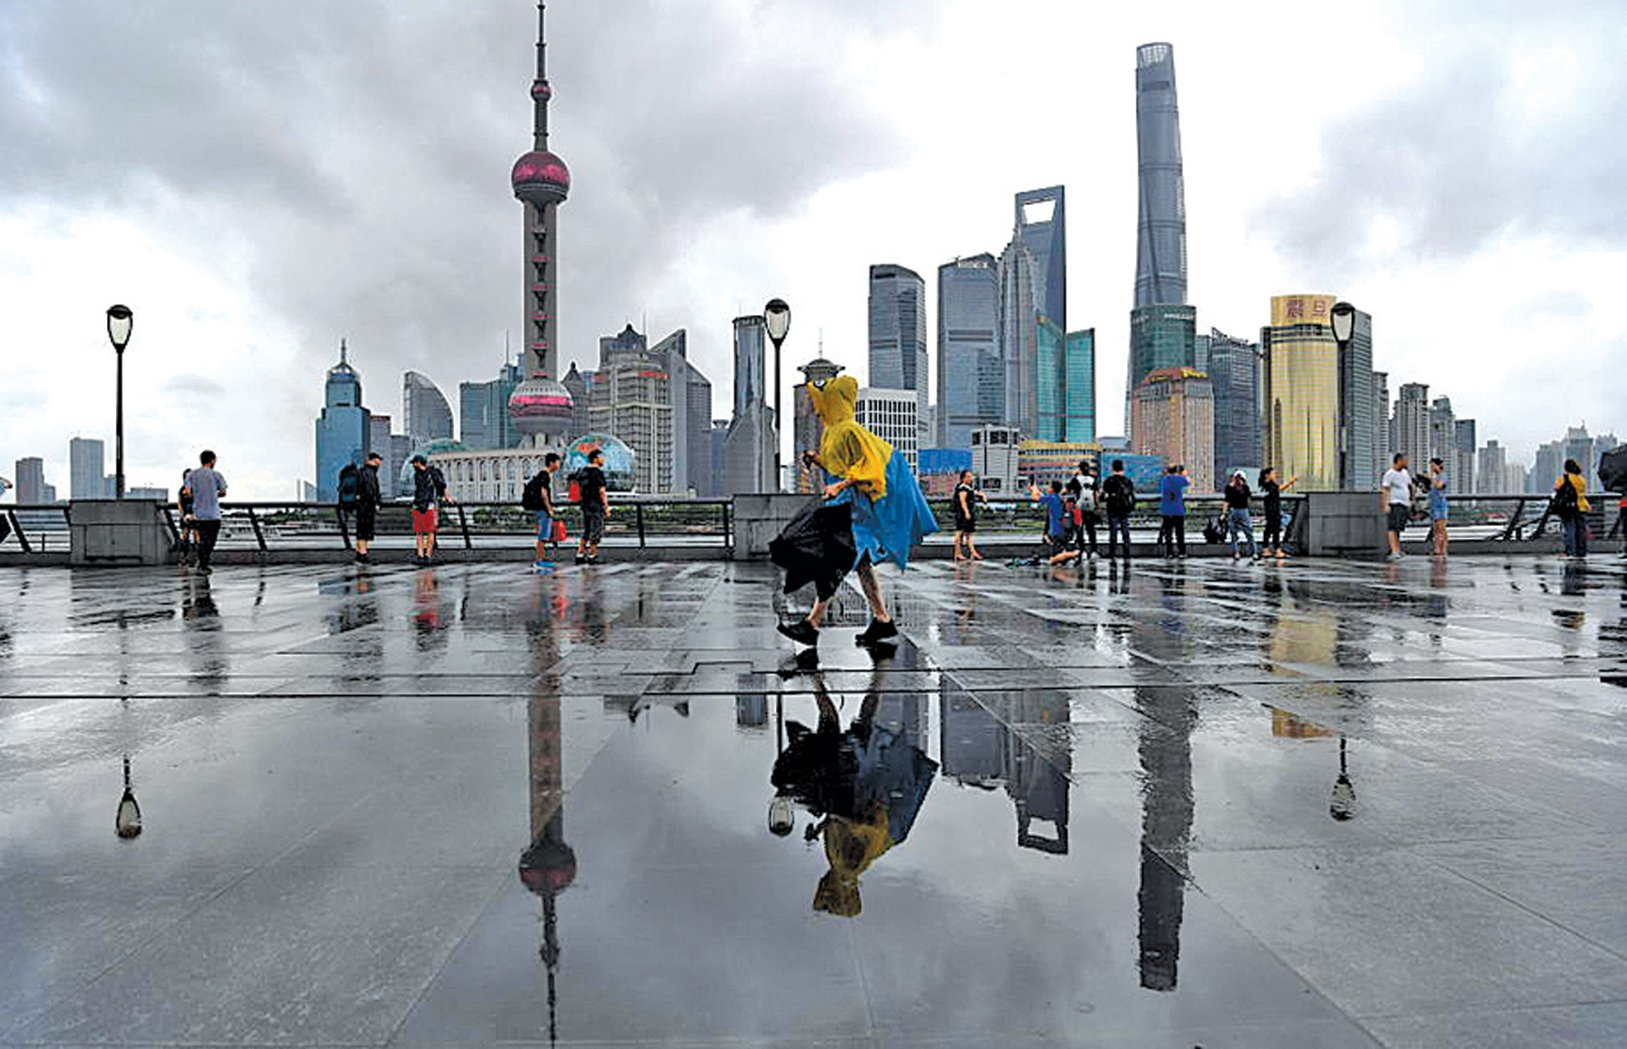 剛剛復業一兩周,上海中心東方明珠等旅遊景區宣佈從3月30日起臨時關閉。圖為上海外灘。(getty images)